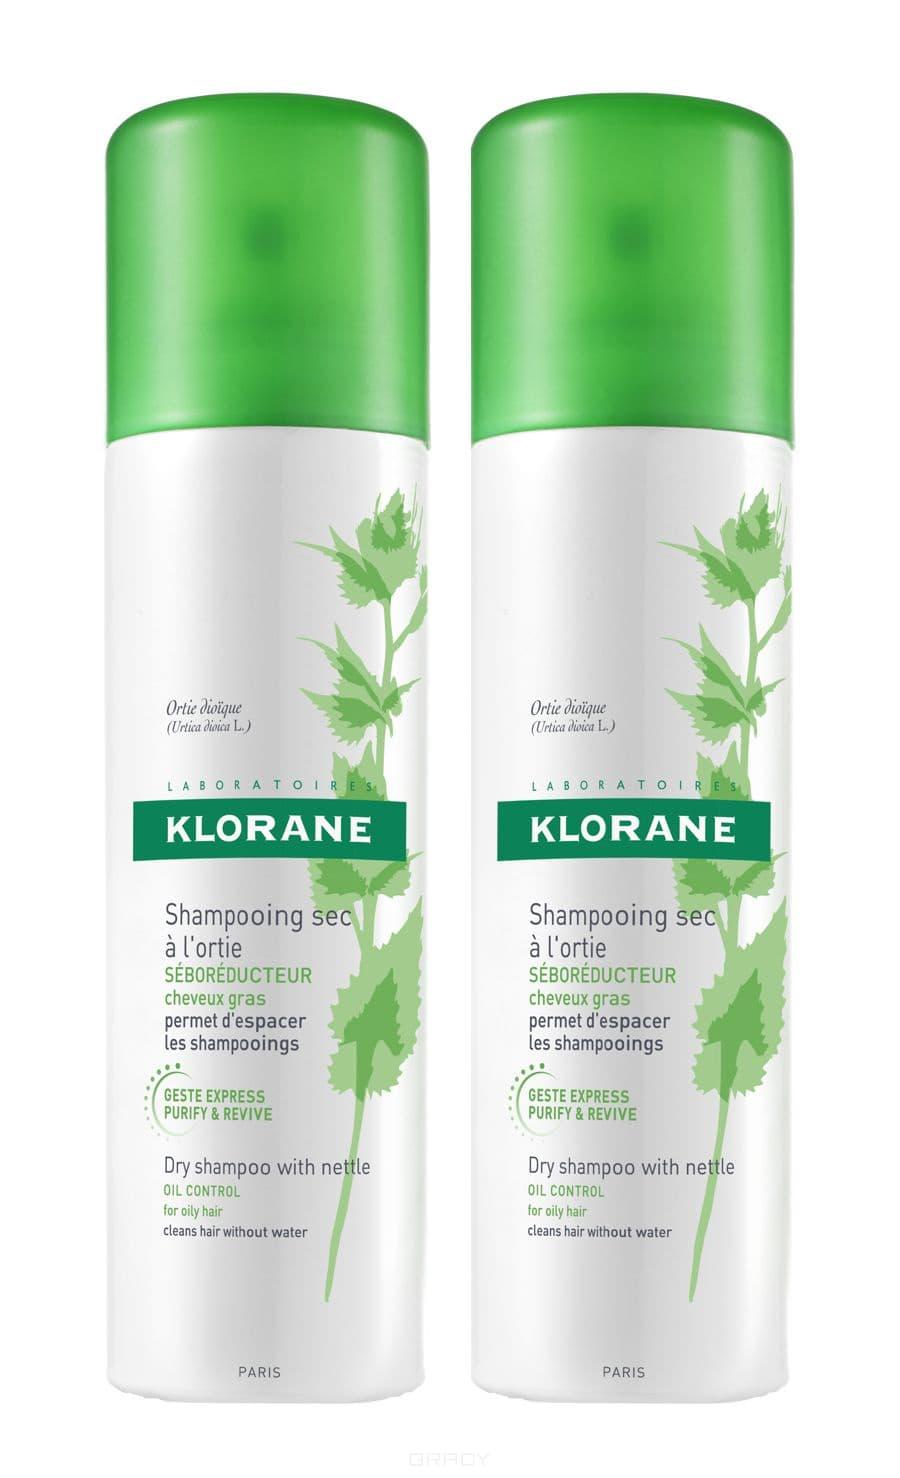 Купить Klorane - Набор Сухой шампунь с экстрактом Крапивы 2*150 мл (-50% скидка на вторую упаковку)